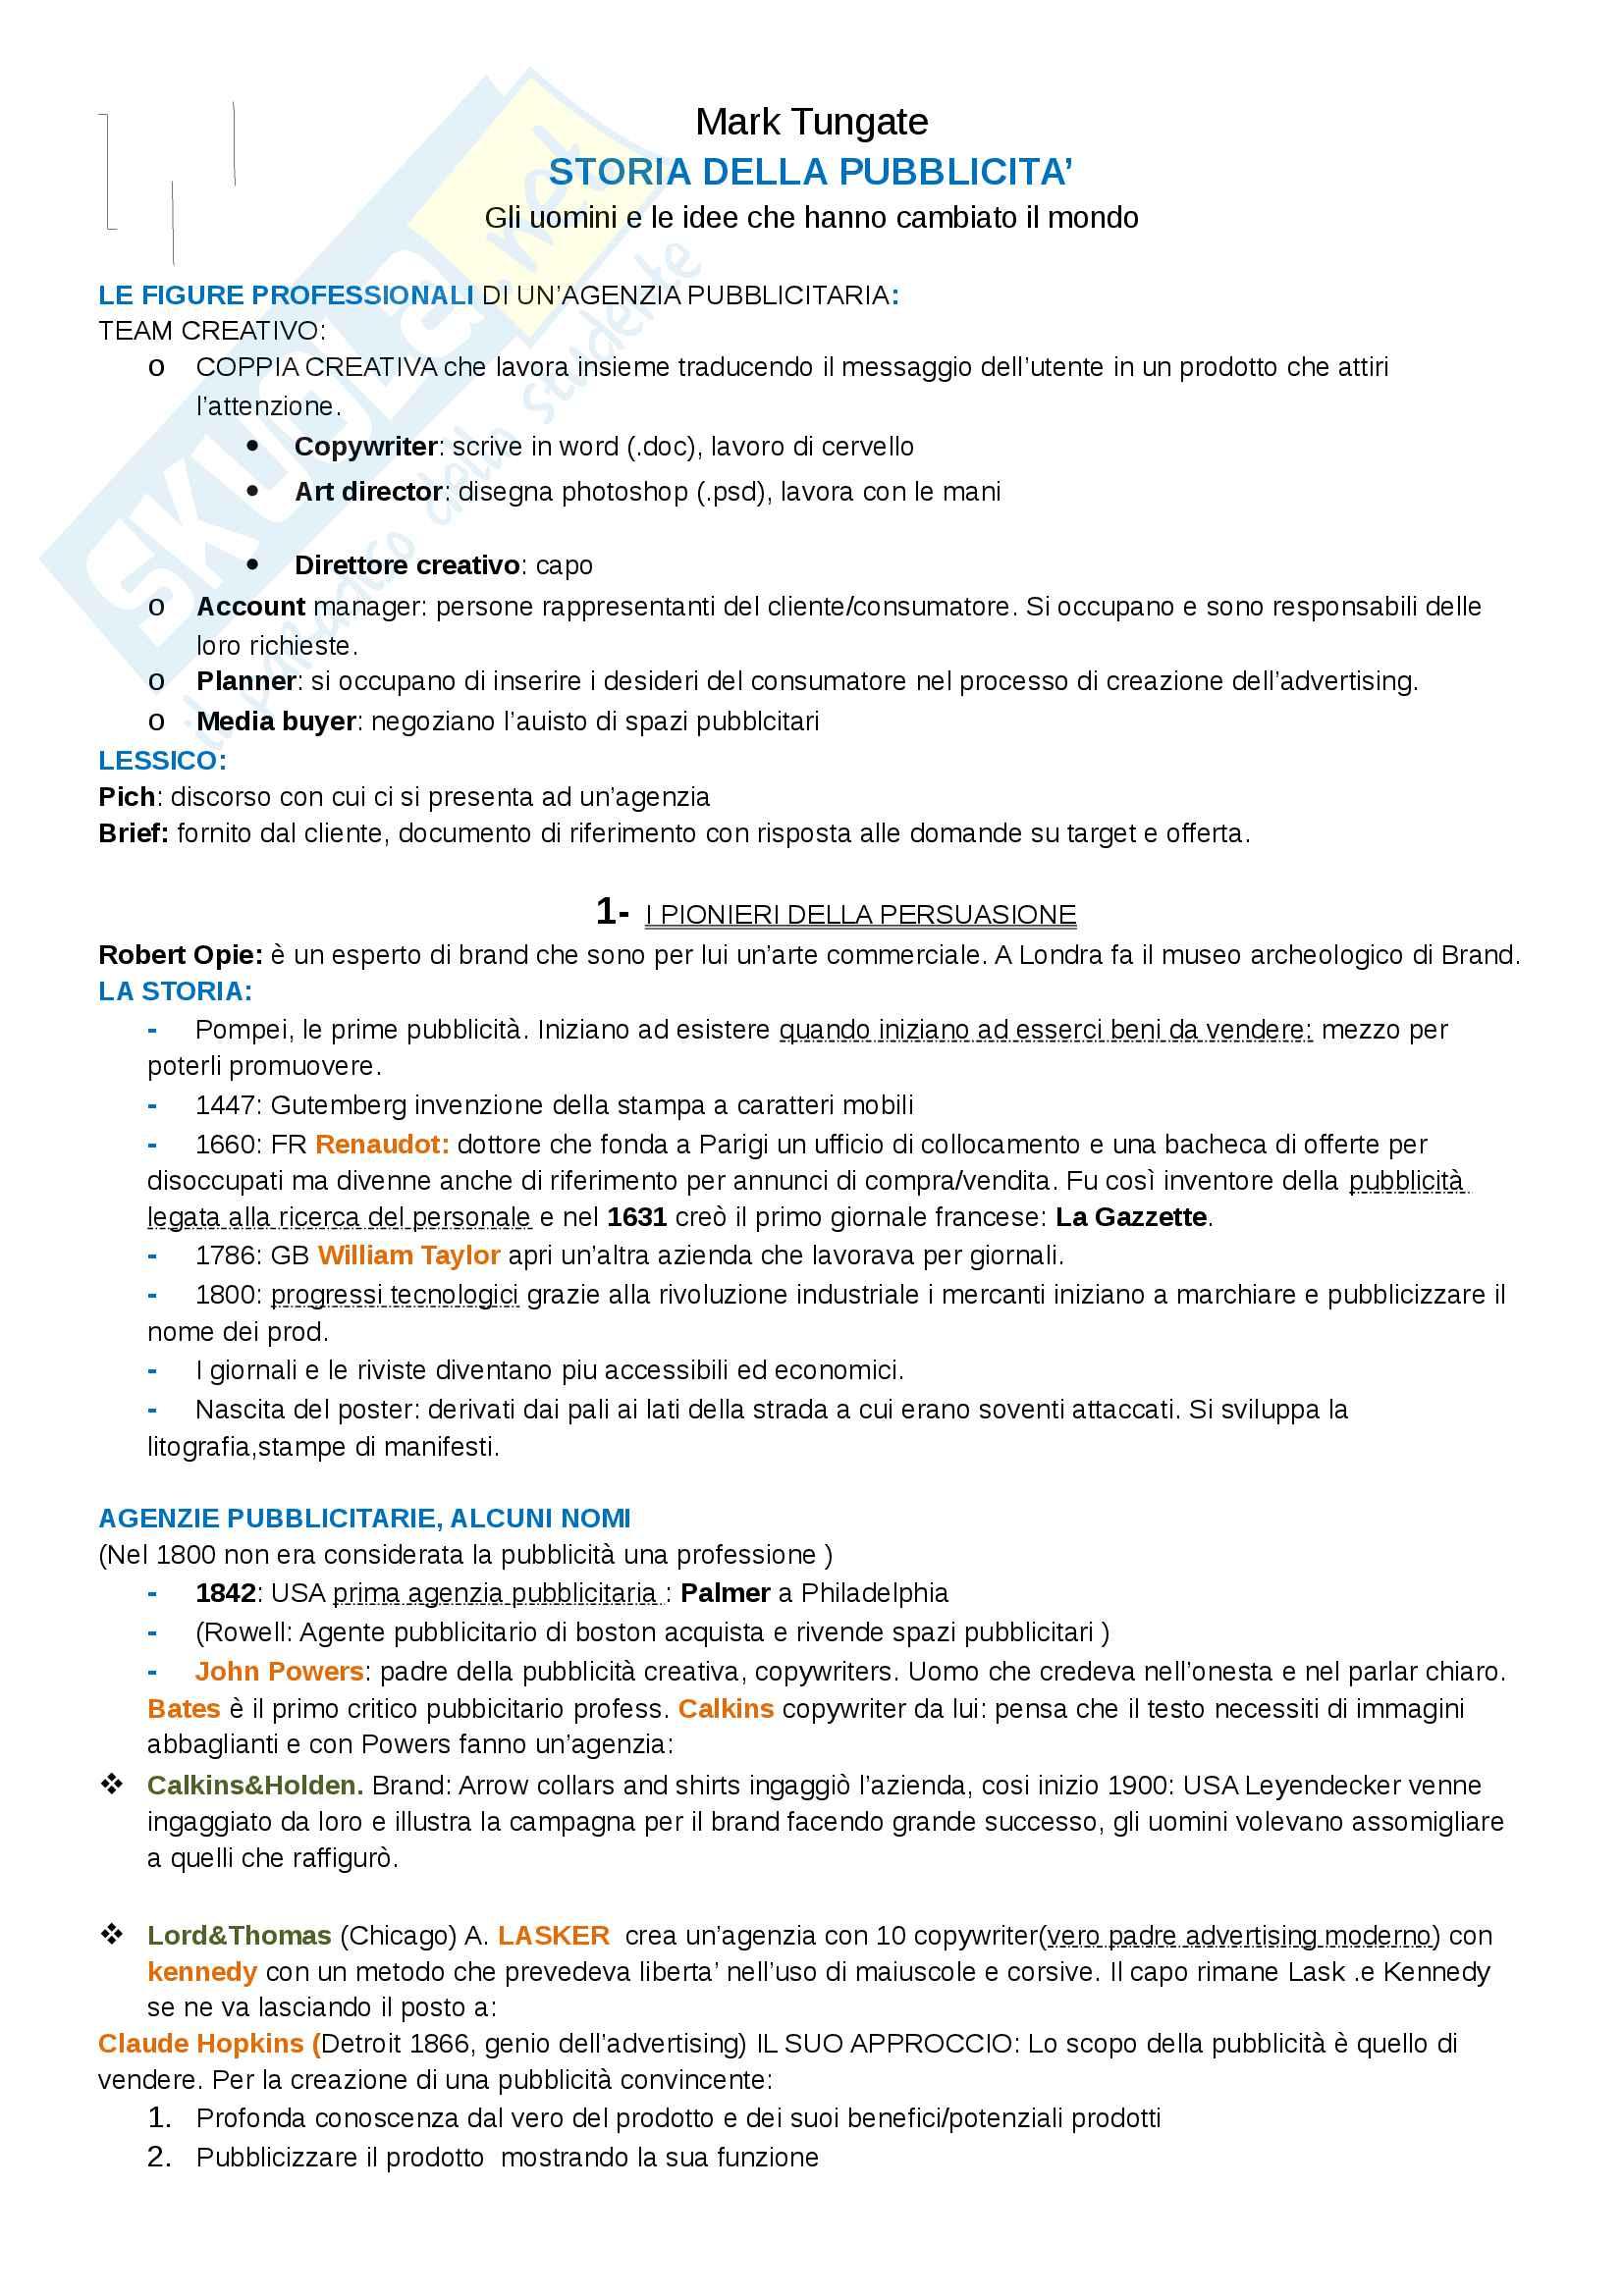 Riassunto esame linguaggi e strategie della comunicazione pubblicitaria, prof. Cornara, libro consigliato Storia della Pubblicità, Mark Tungate